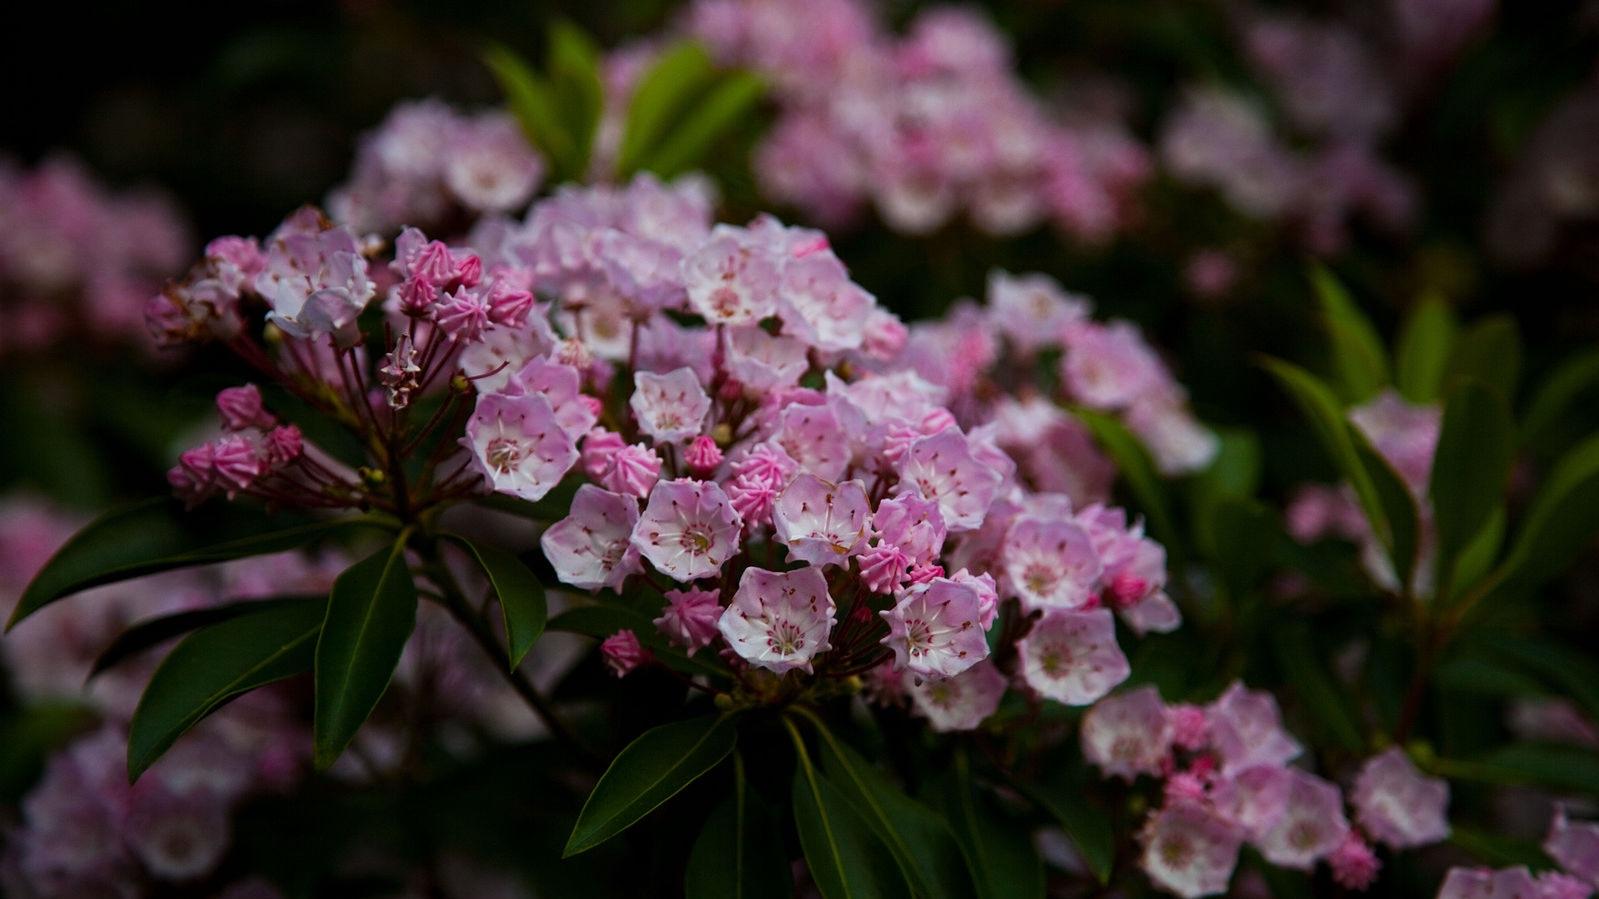 Wv-mountain-wildflowers-springtime_-_West_Virginia_-_ForestWander.jpg